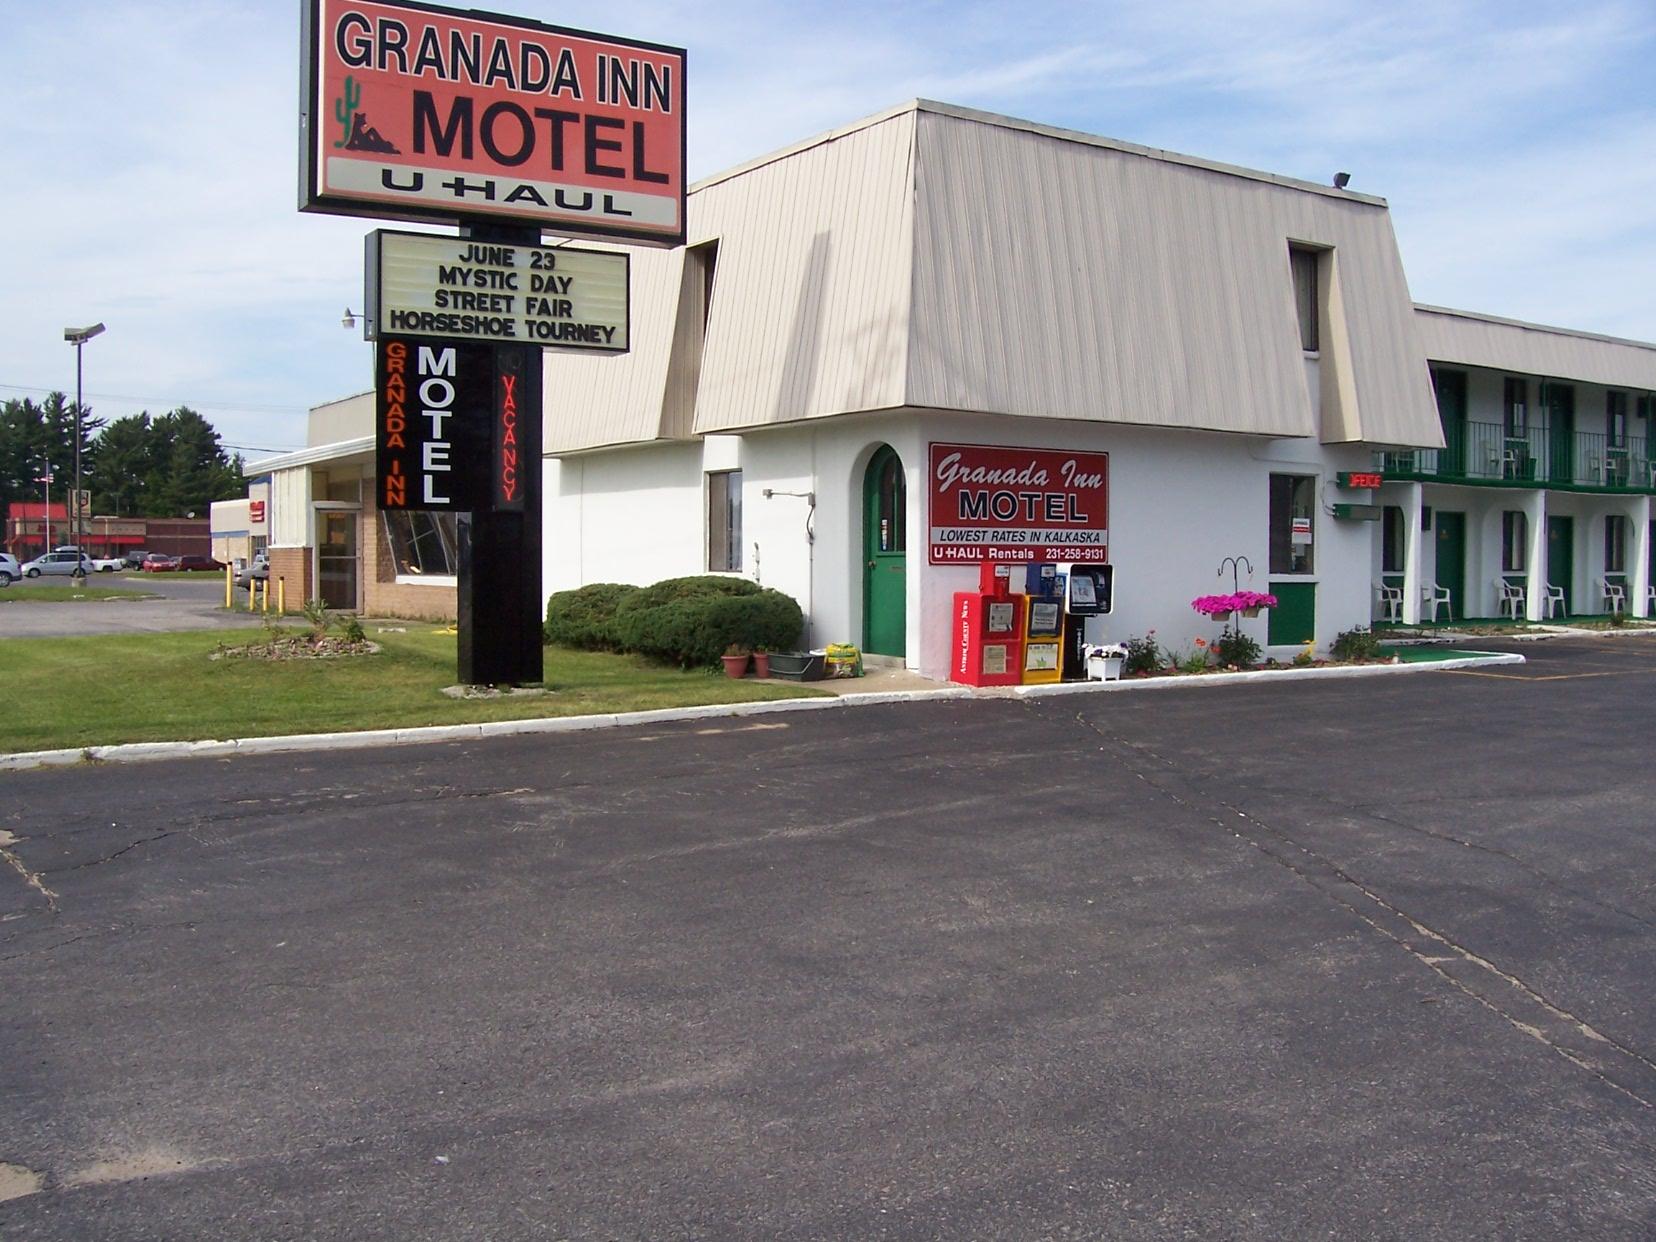 Granada Inn Motel